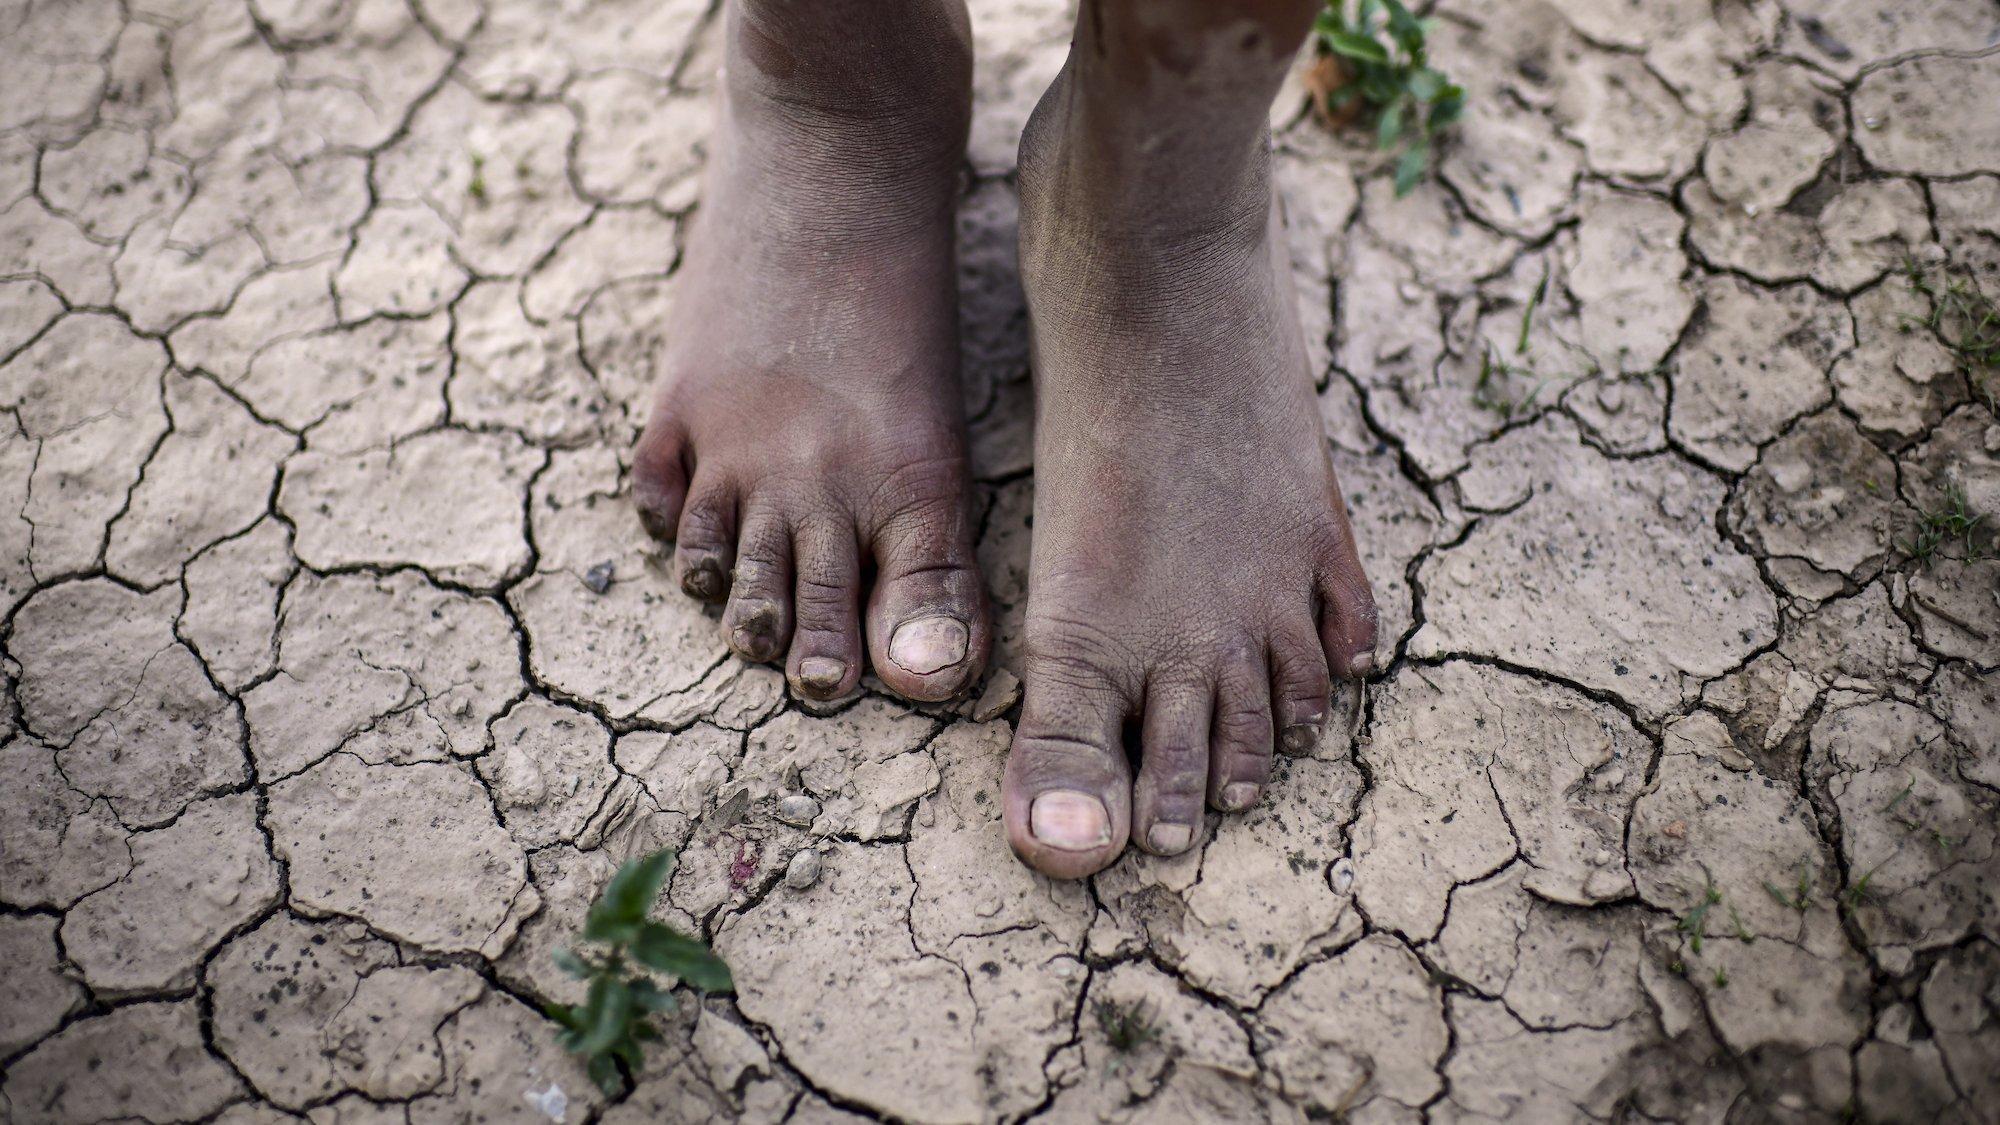 Das Bild zeigt die Füße eines Mädchens auf aufgerissenem, ausgetrockneten Boden. Das Bild stammt aus Argentinien.